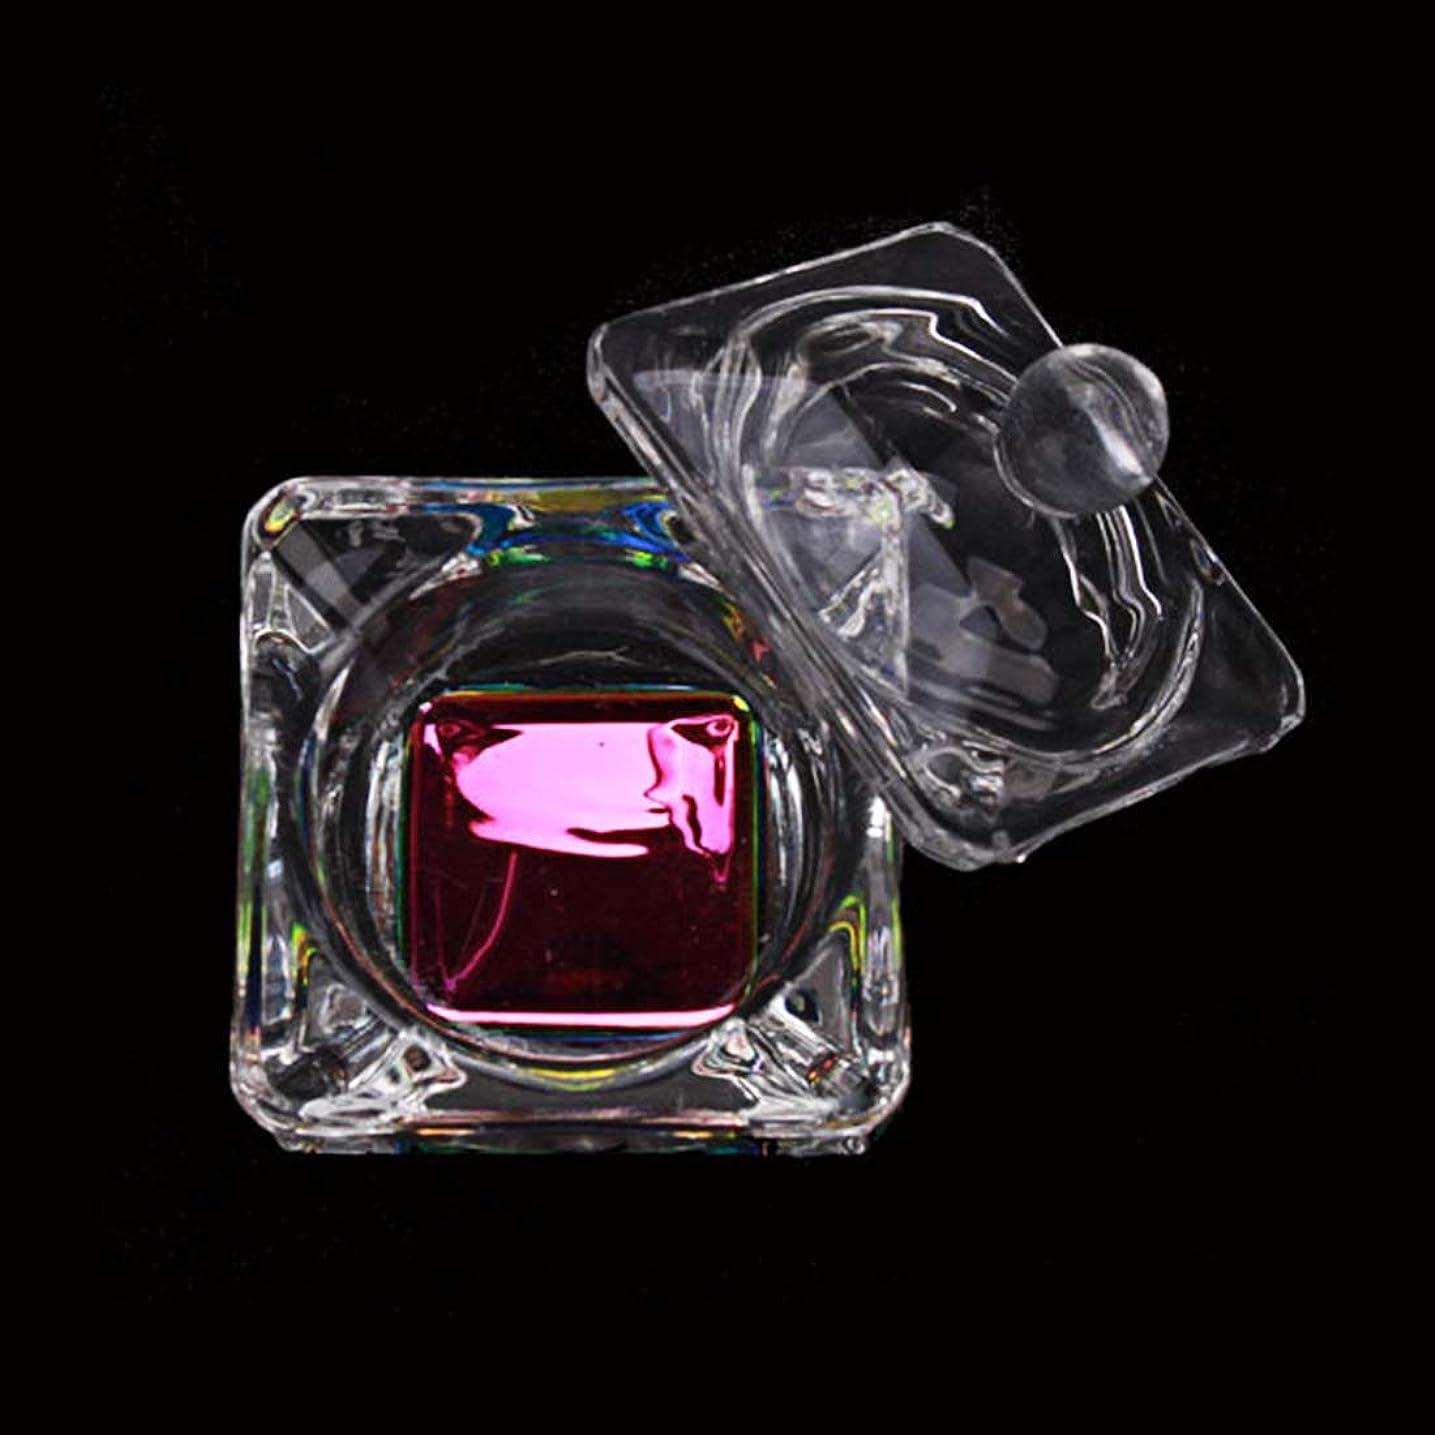 持ってる大いに周術期Honey Joy クリスタル レインボー カラー アクリル 液体 パウダー グラス ダッポン ディッシュ グラス カップ W キャップ 蓋 ボウル アクリル ネイル アート 透明 キット ナプ 019-スクエア用 HJ-NAPB003